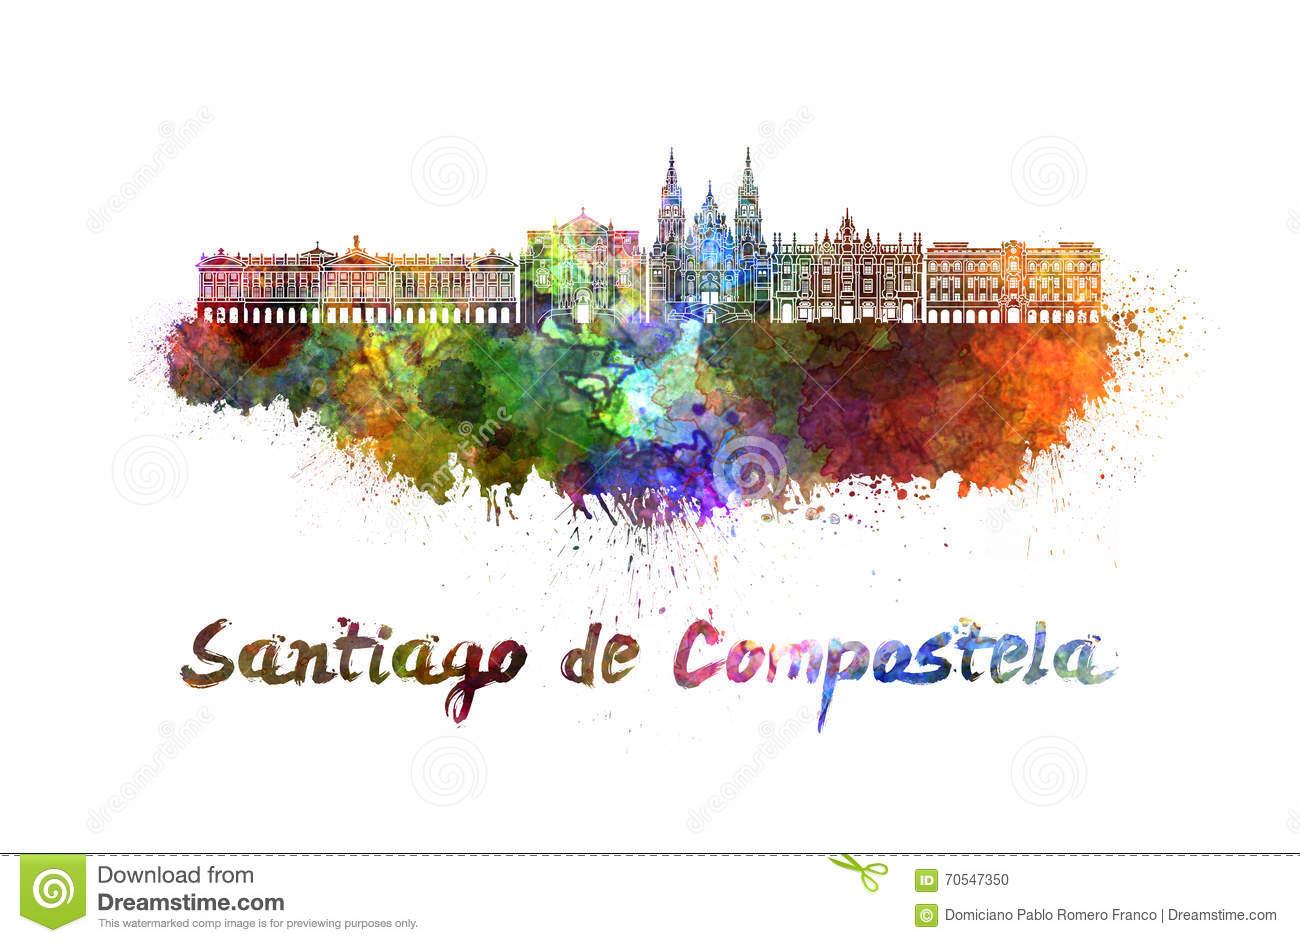 Santiago De Cuba clipart #12, Download drawings